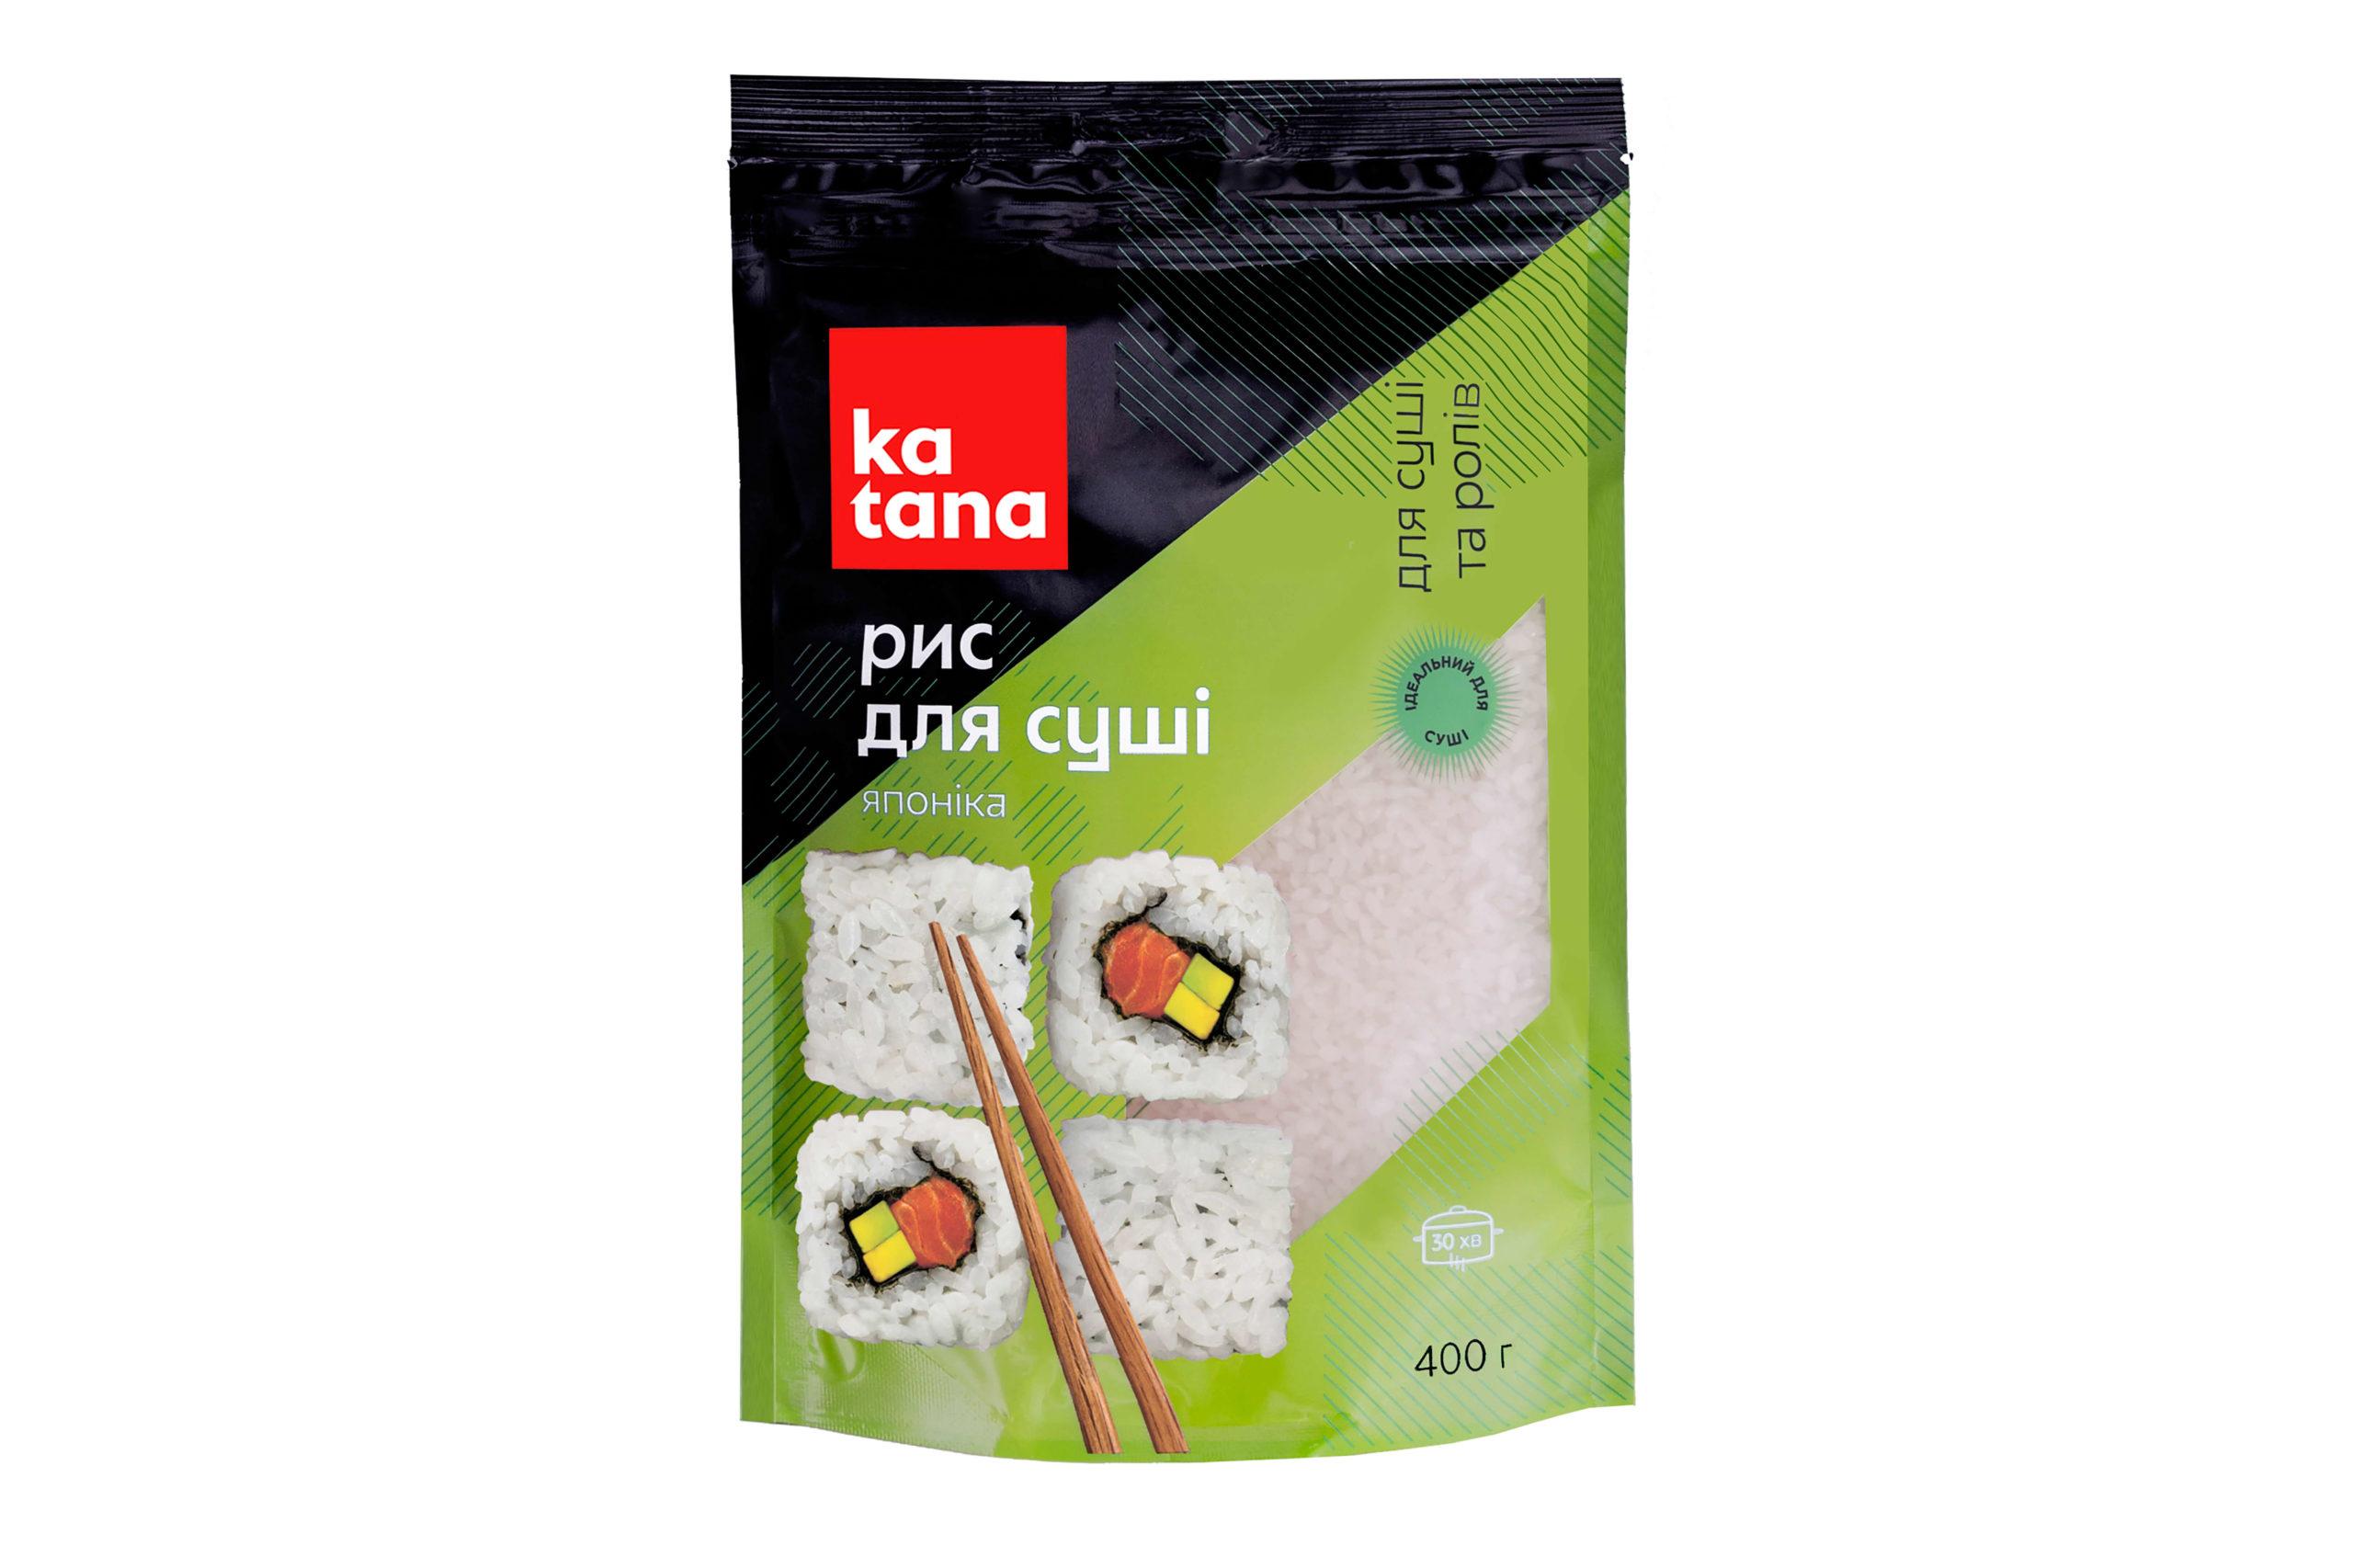 Рис для суши Katana